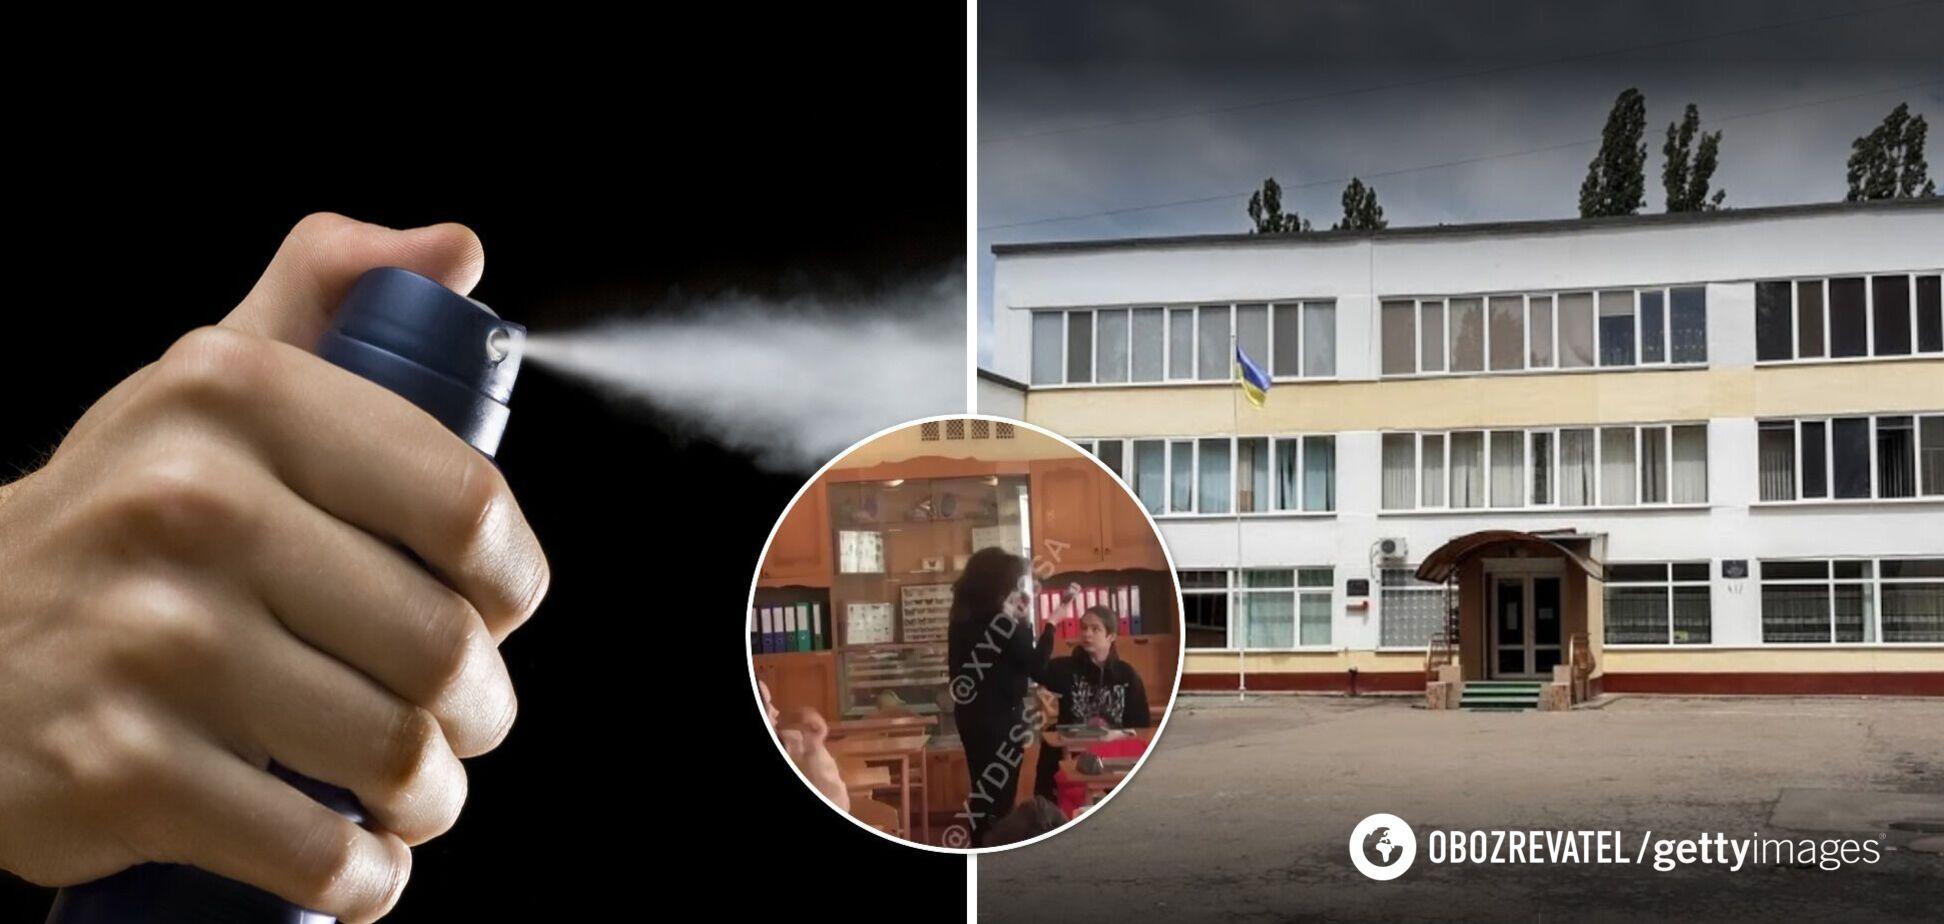 В Одесі школяр розпорошив газ в очі вчительці: деталі конфлікту й що загрожує учню